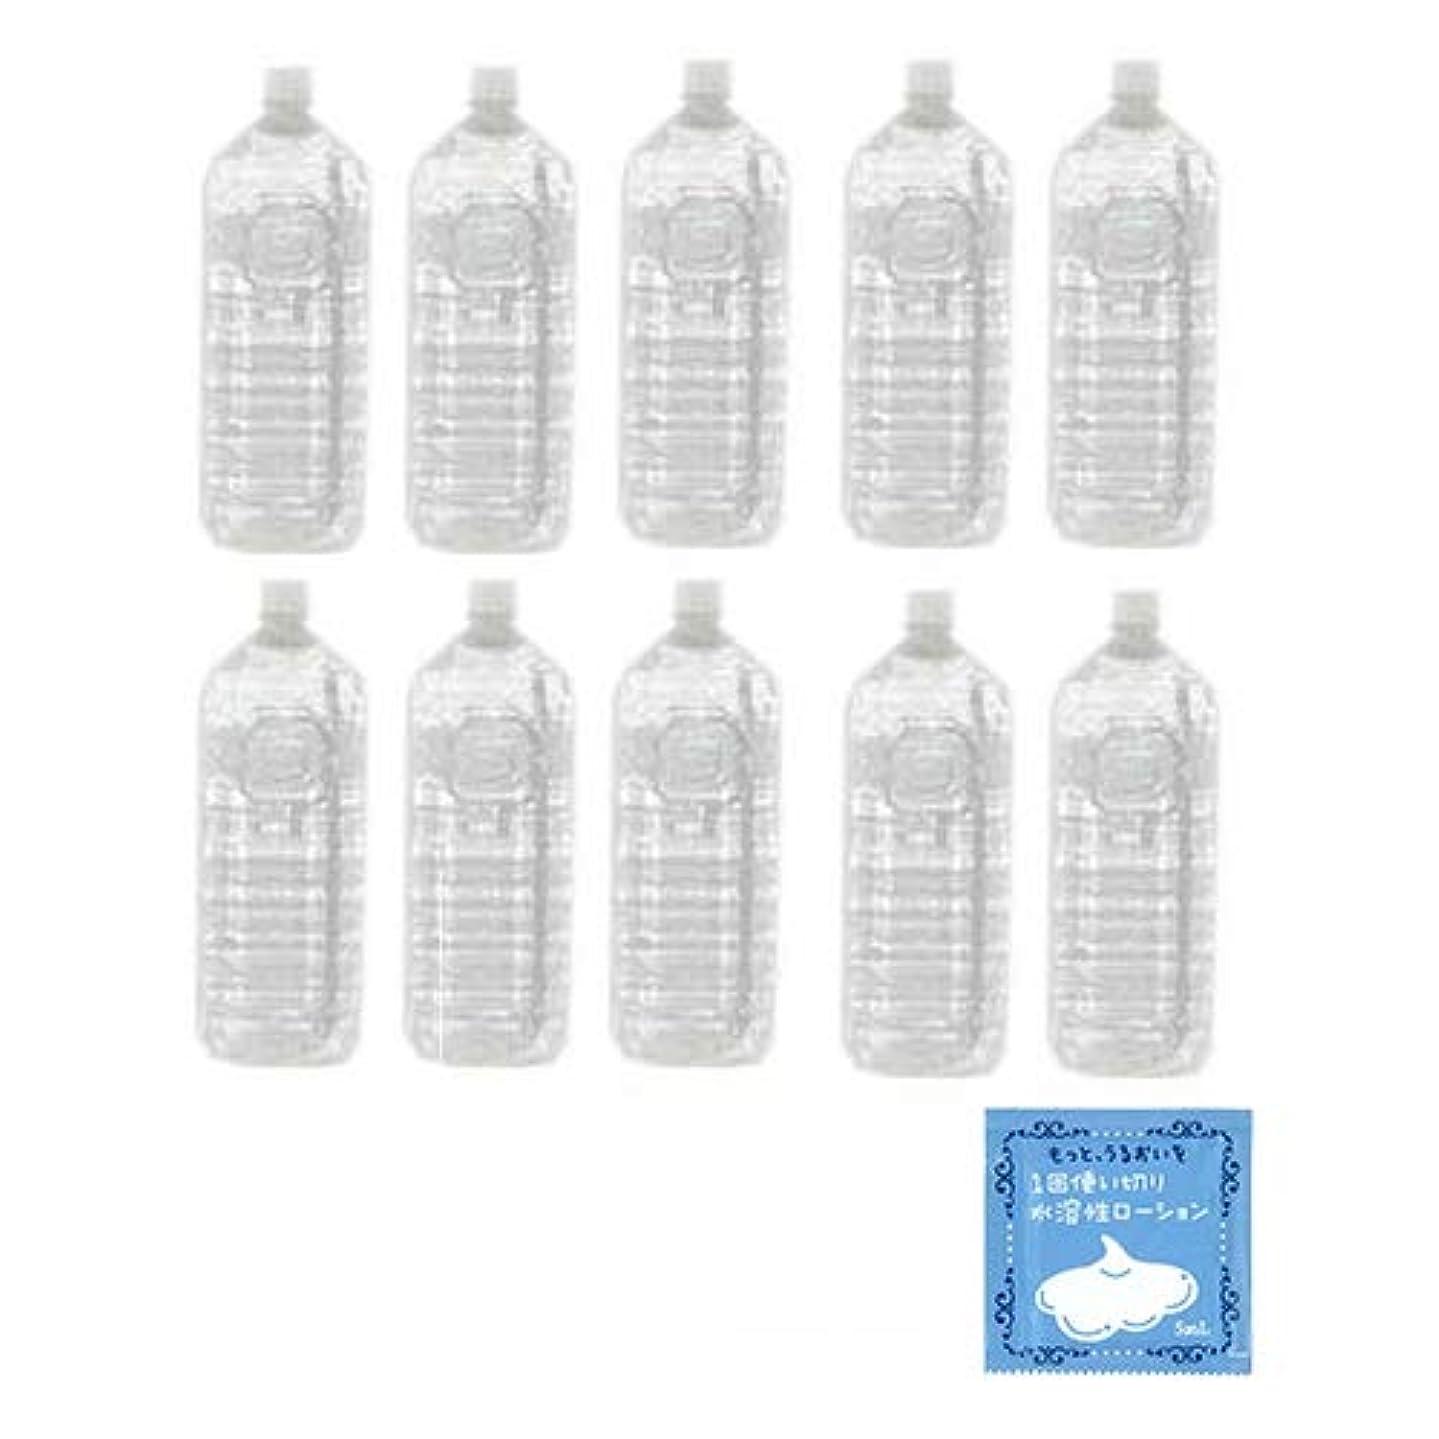 平手打ち解明する知恵クリアローション 2Lペットボトル ハードタイプ(5倍濃縮原液) × 10本セット+ 1回使い切り水溶性潤滑ローション